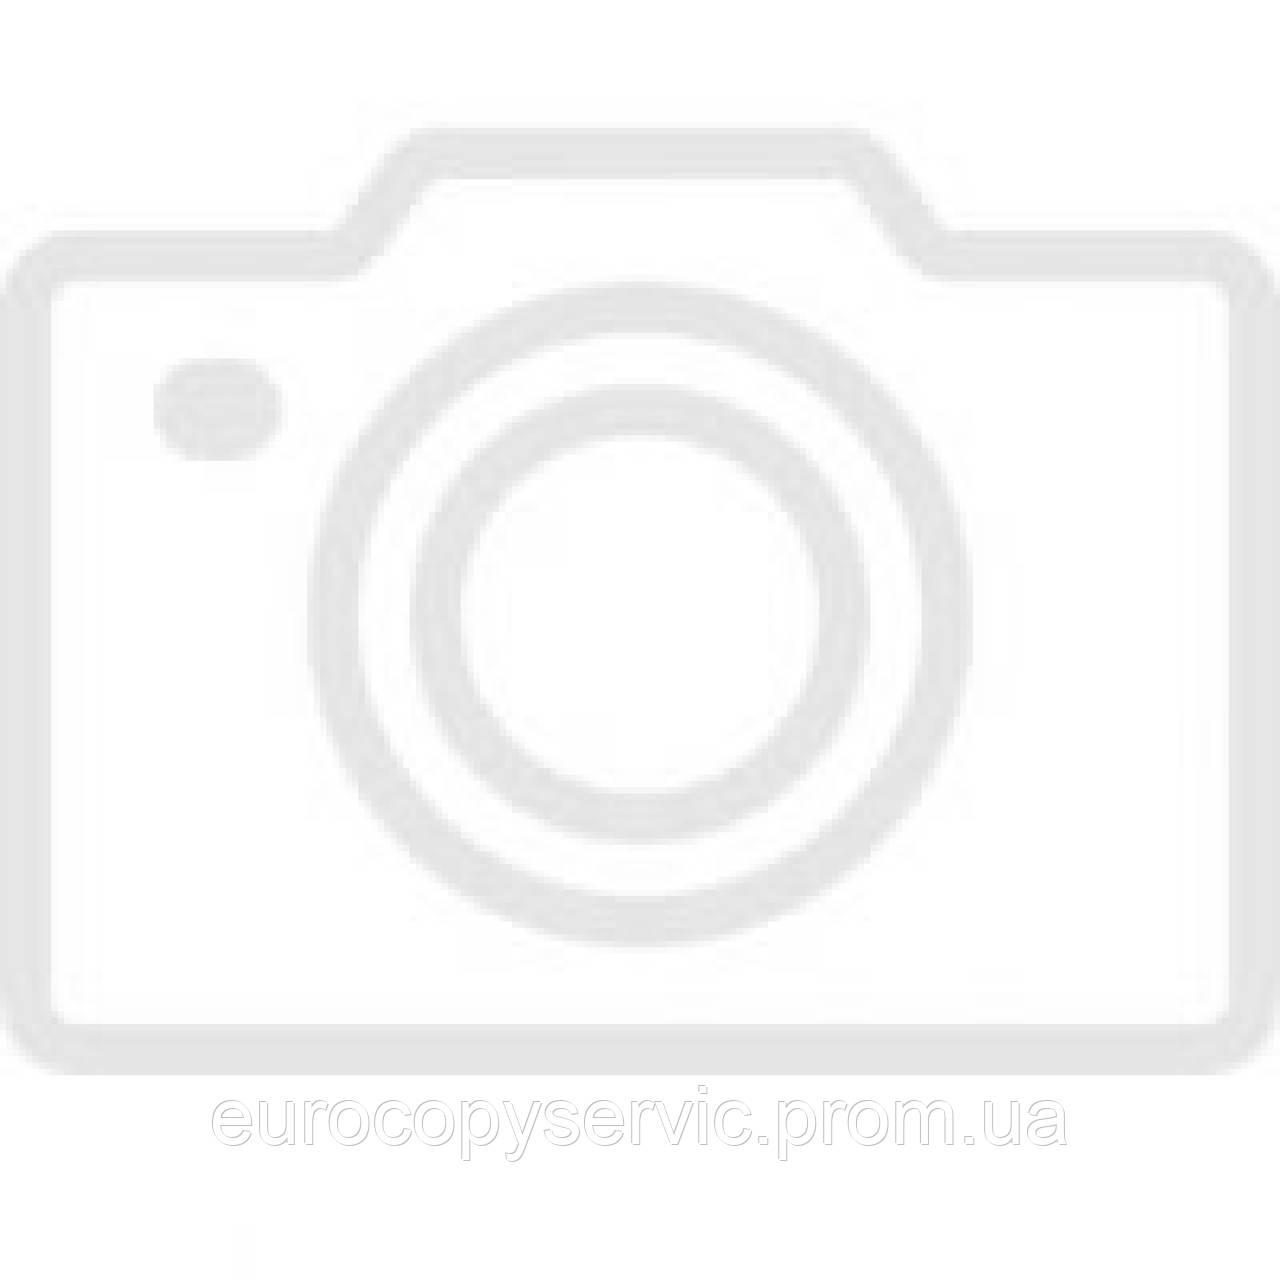 Тонер-картридж HP CLJP CF543A (203A) Static Control ресурс 1 300 стор. Magenta (002-01-SF543A)